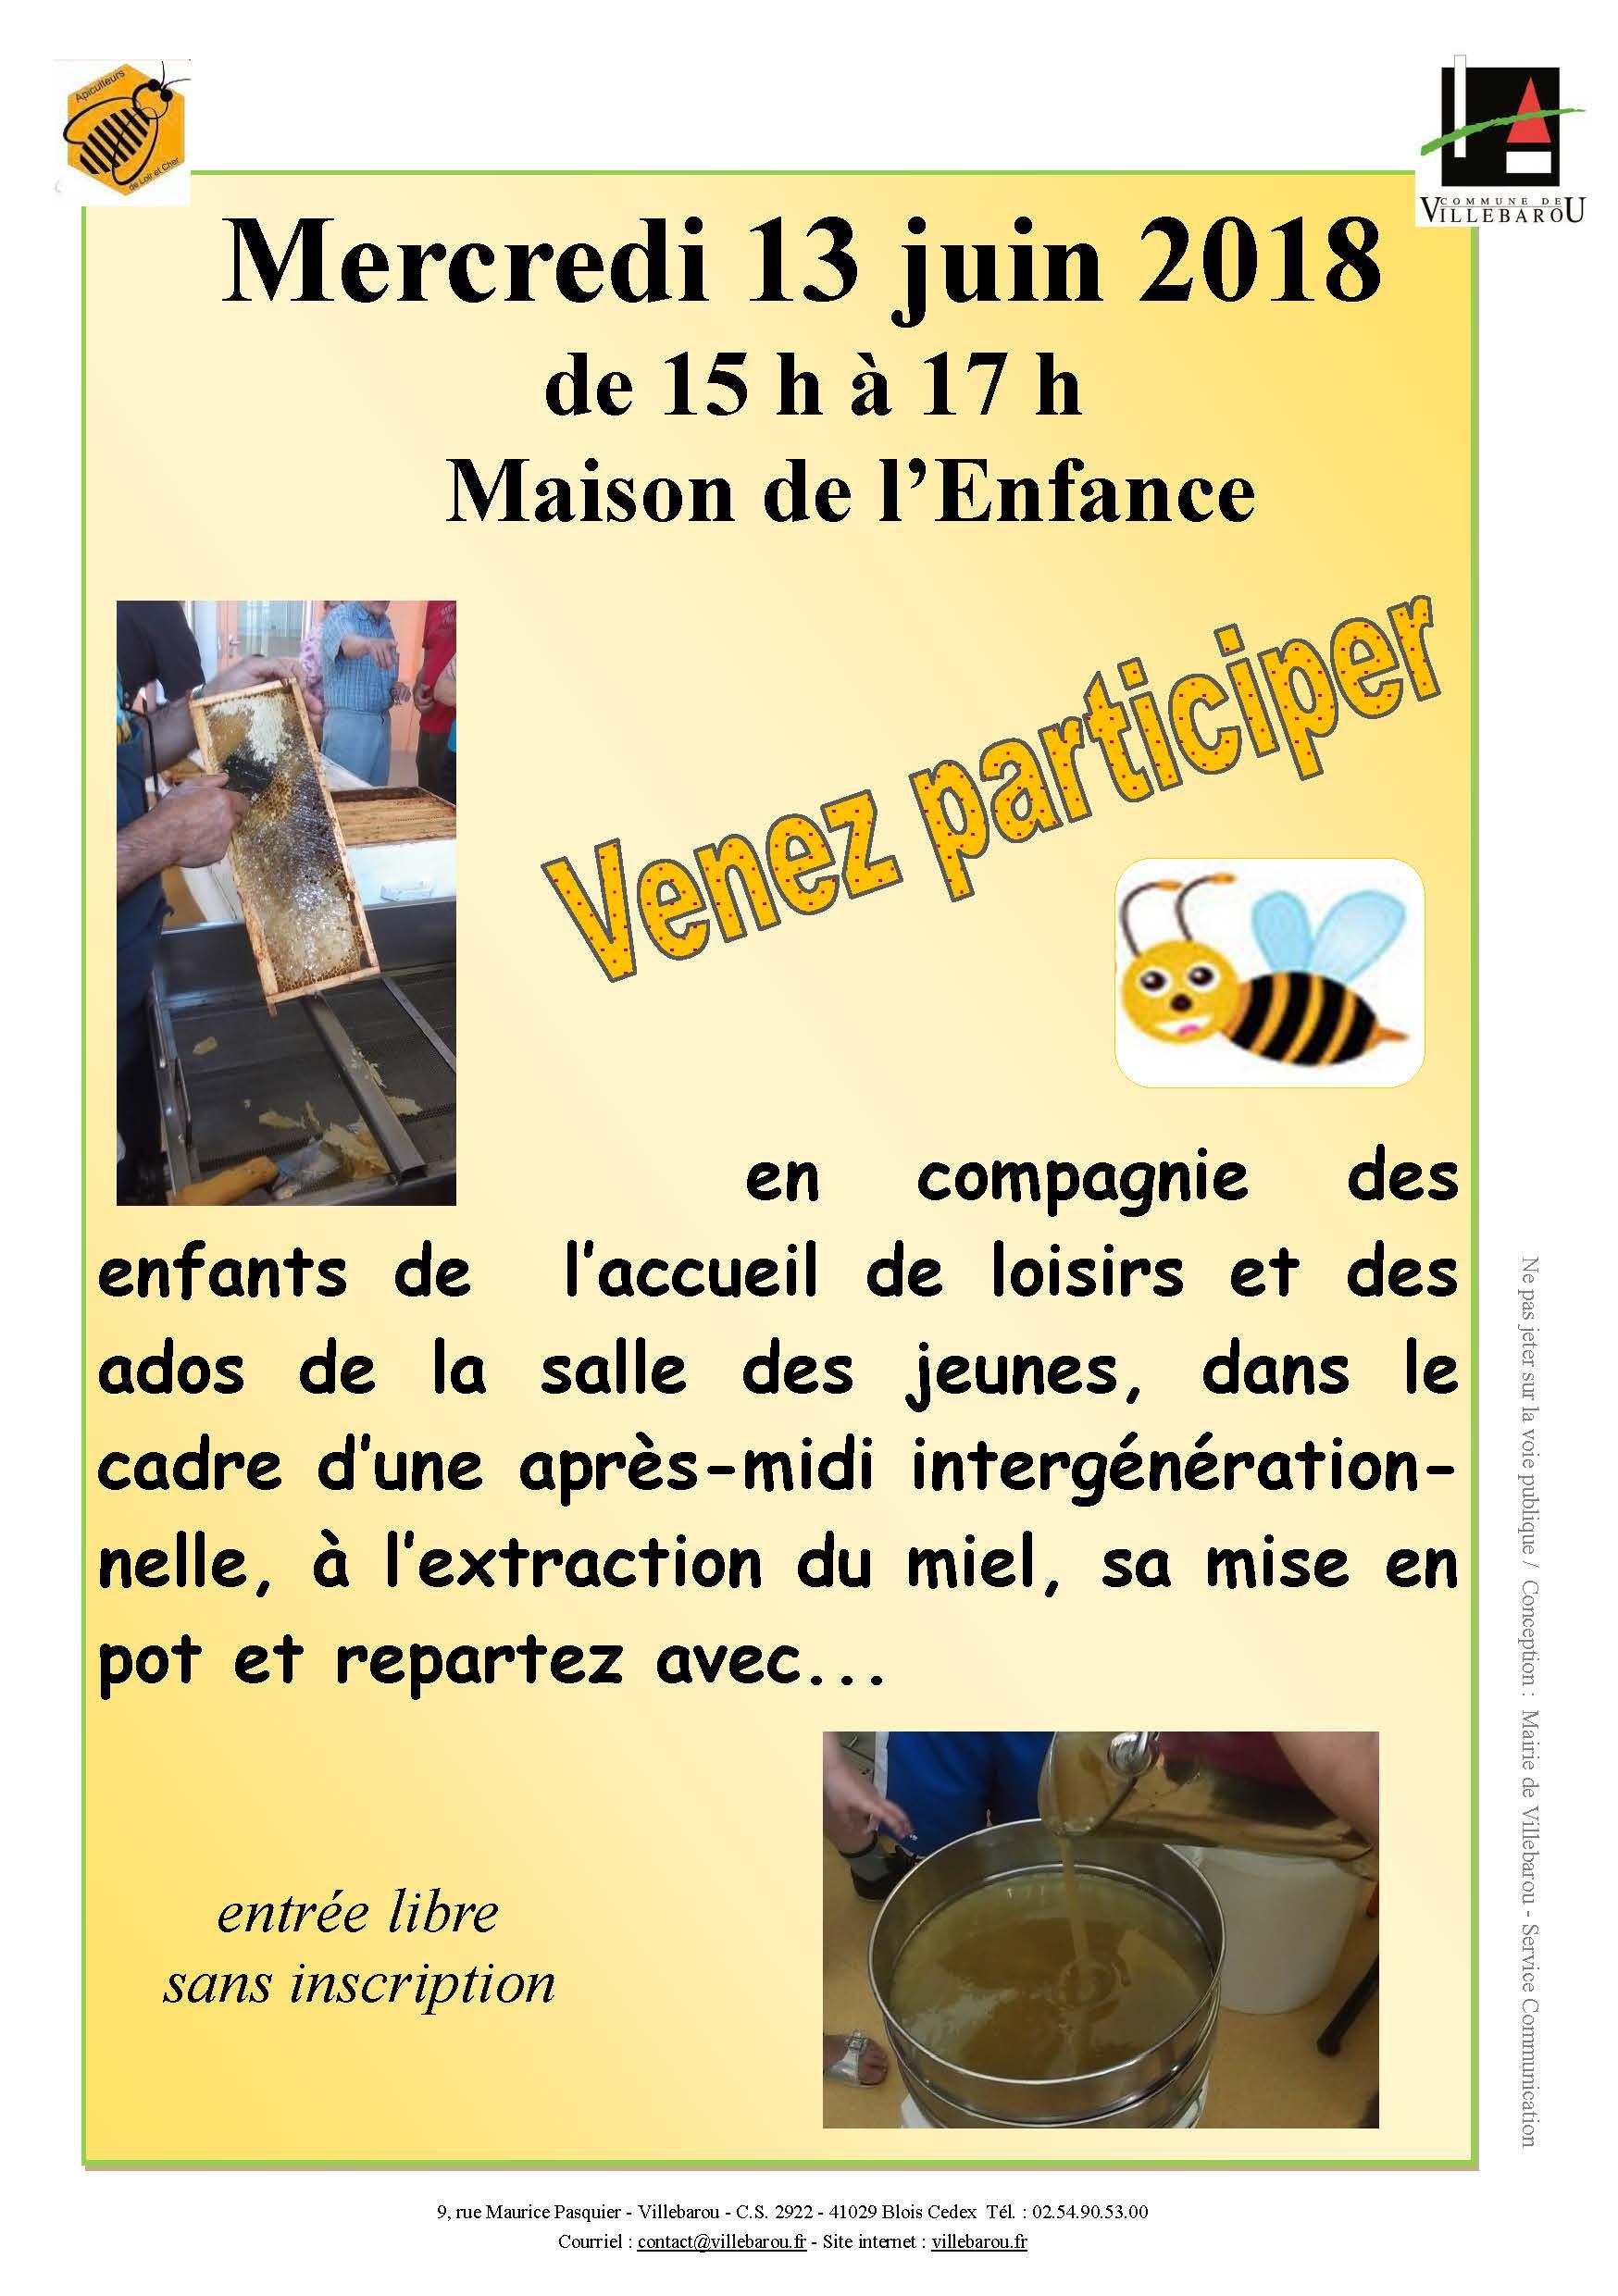 Récolte publique de miel